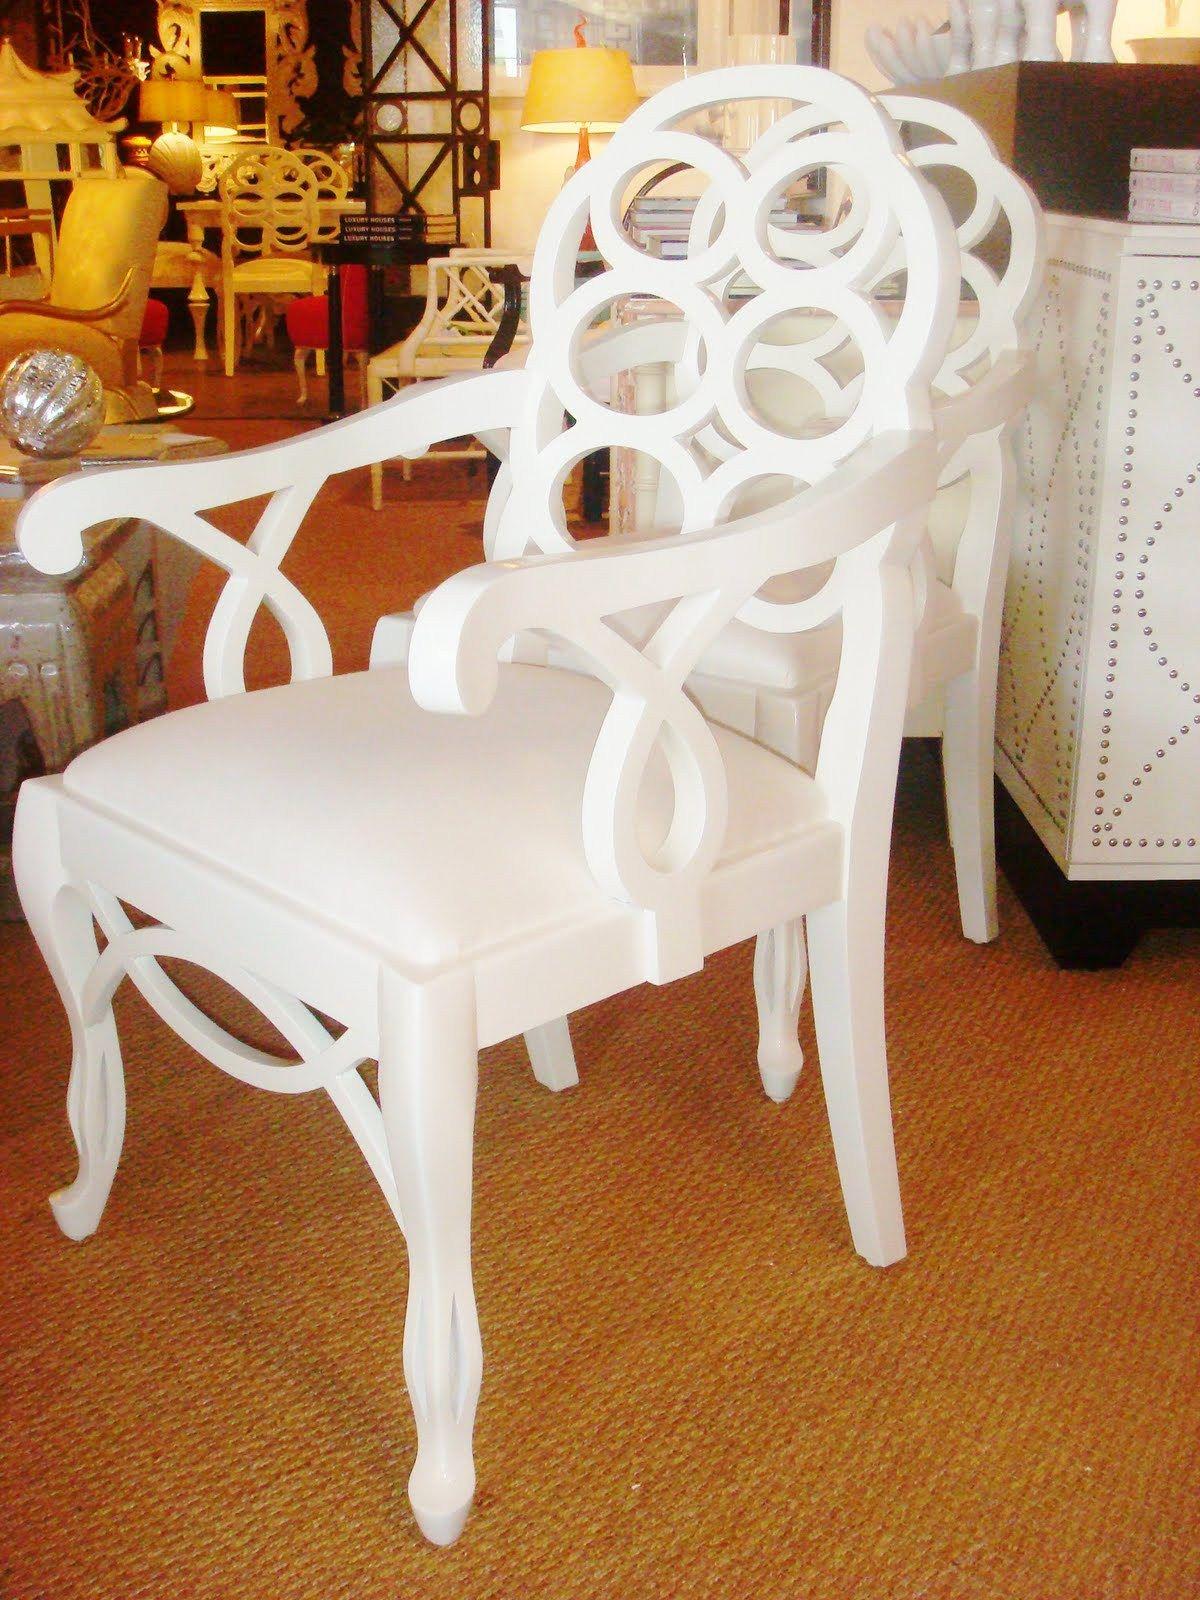 C+bell+furnishing+frances+elkins+loop+chair+white+